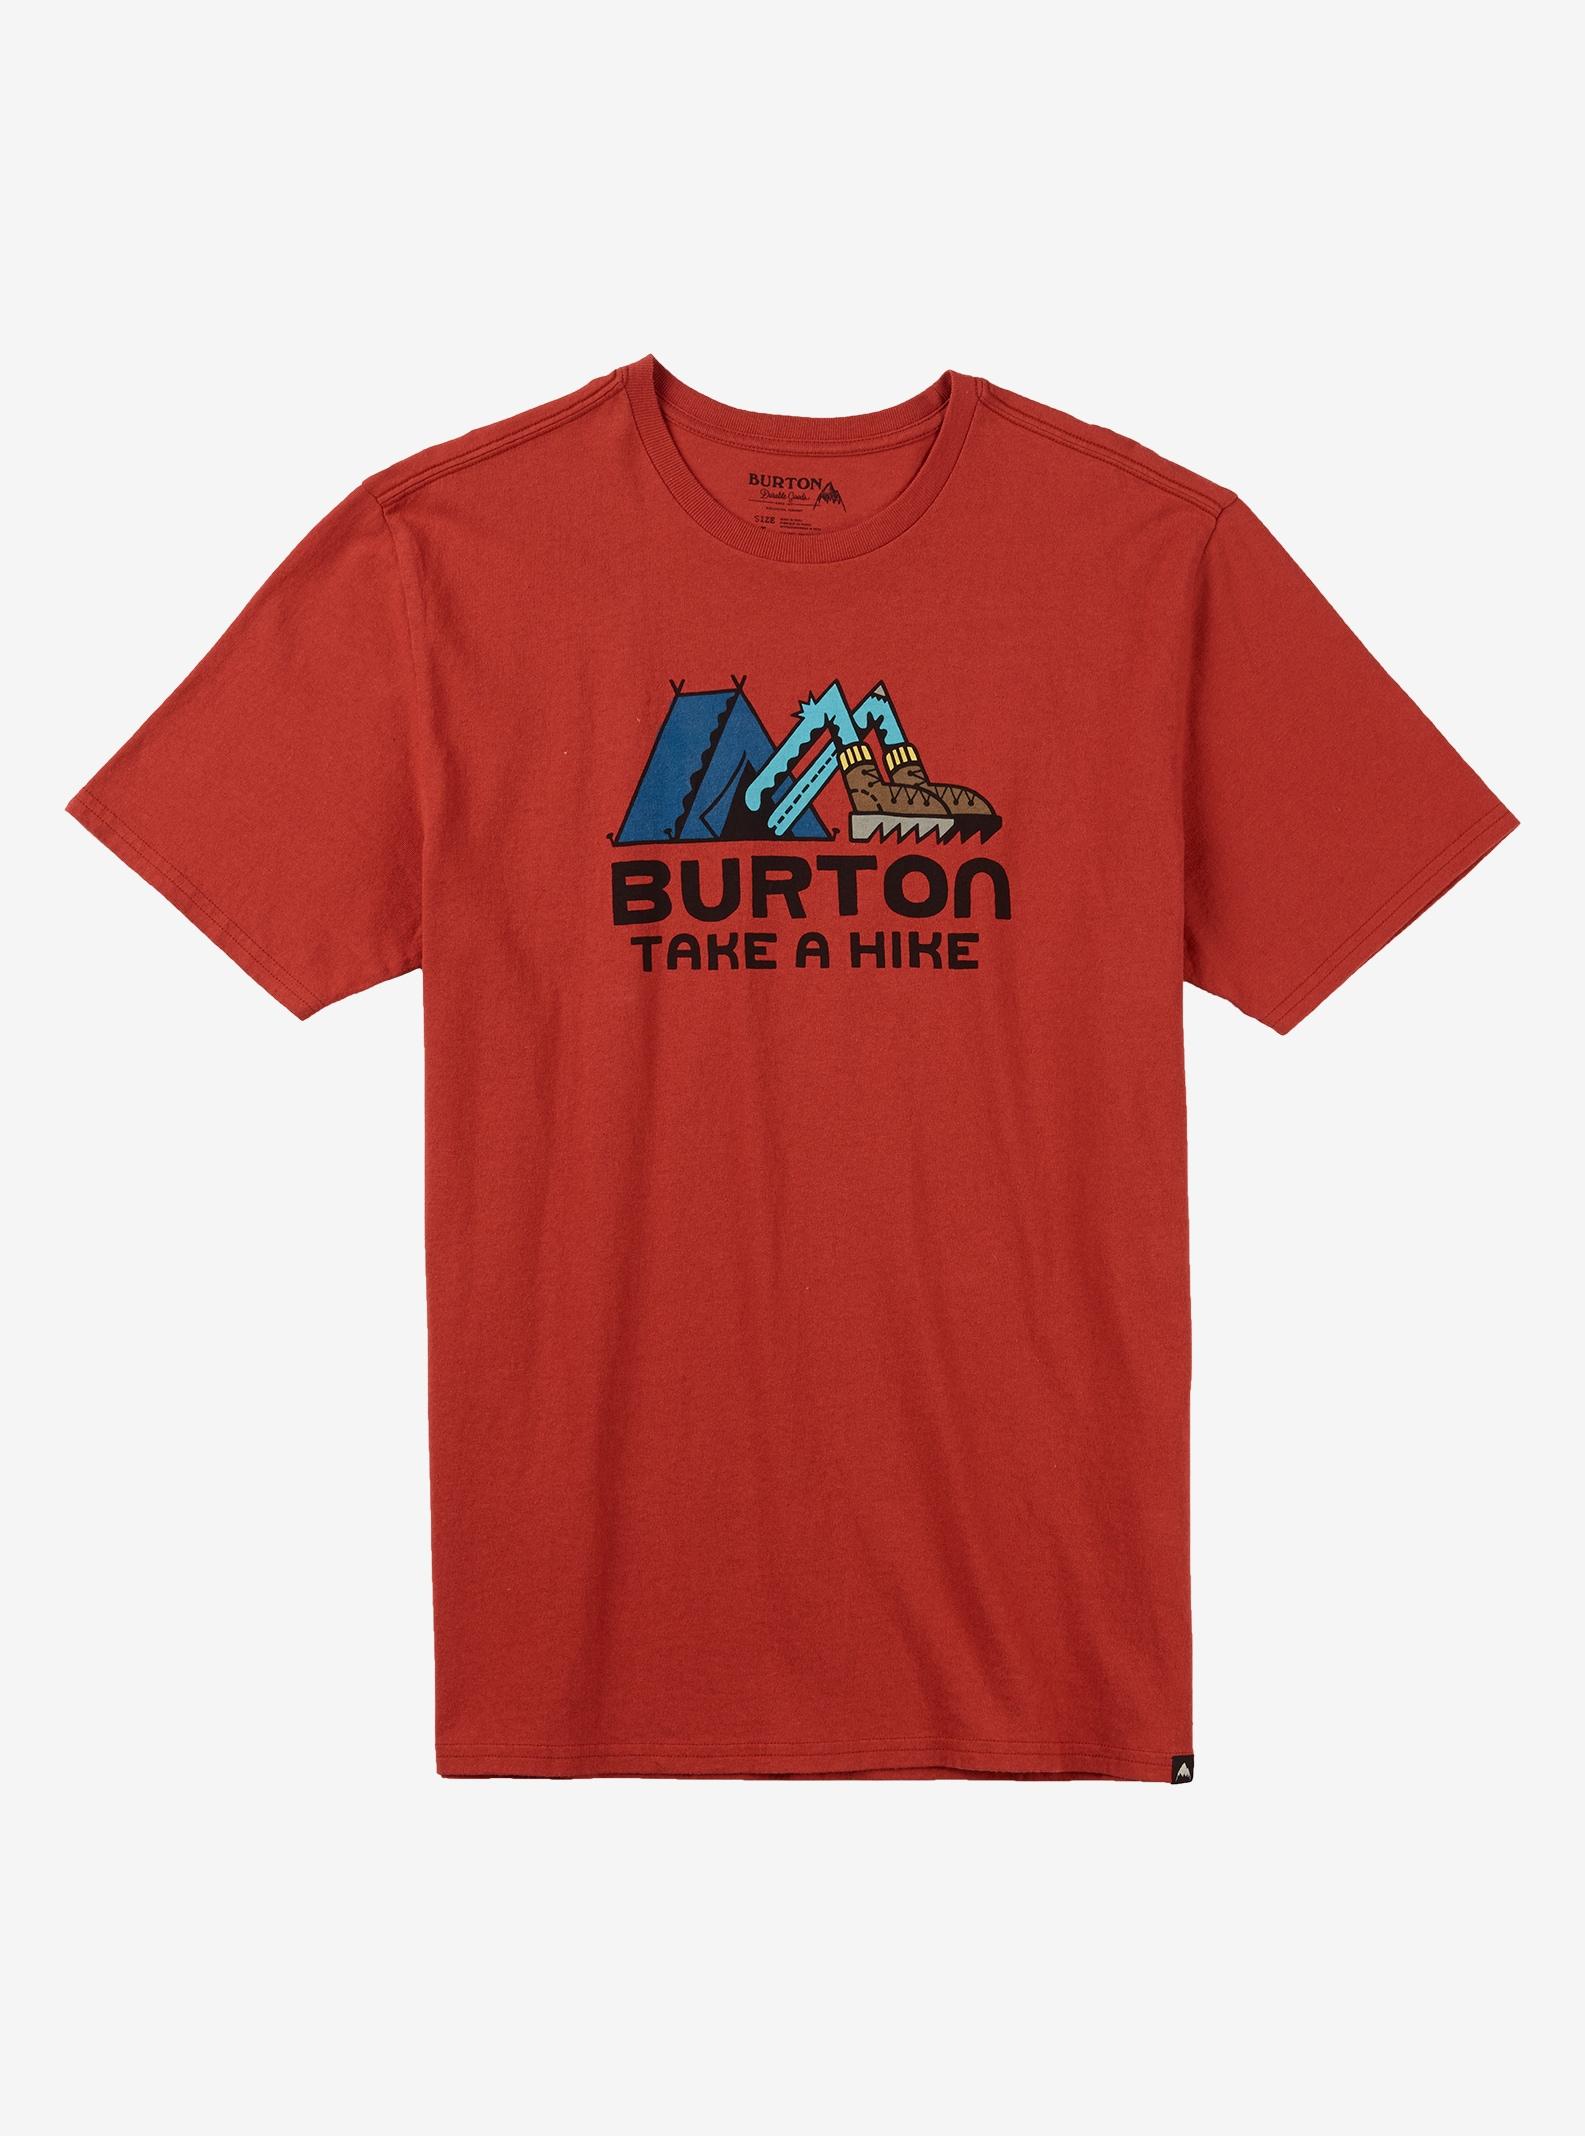 Burton Take A Hike Short Sleeve T Shirt shown in Tandori